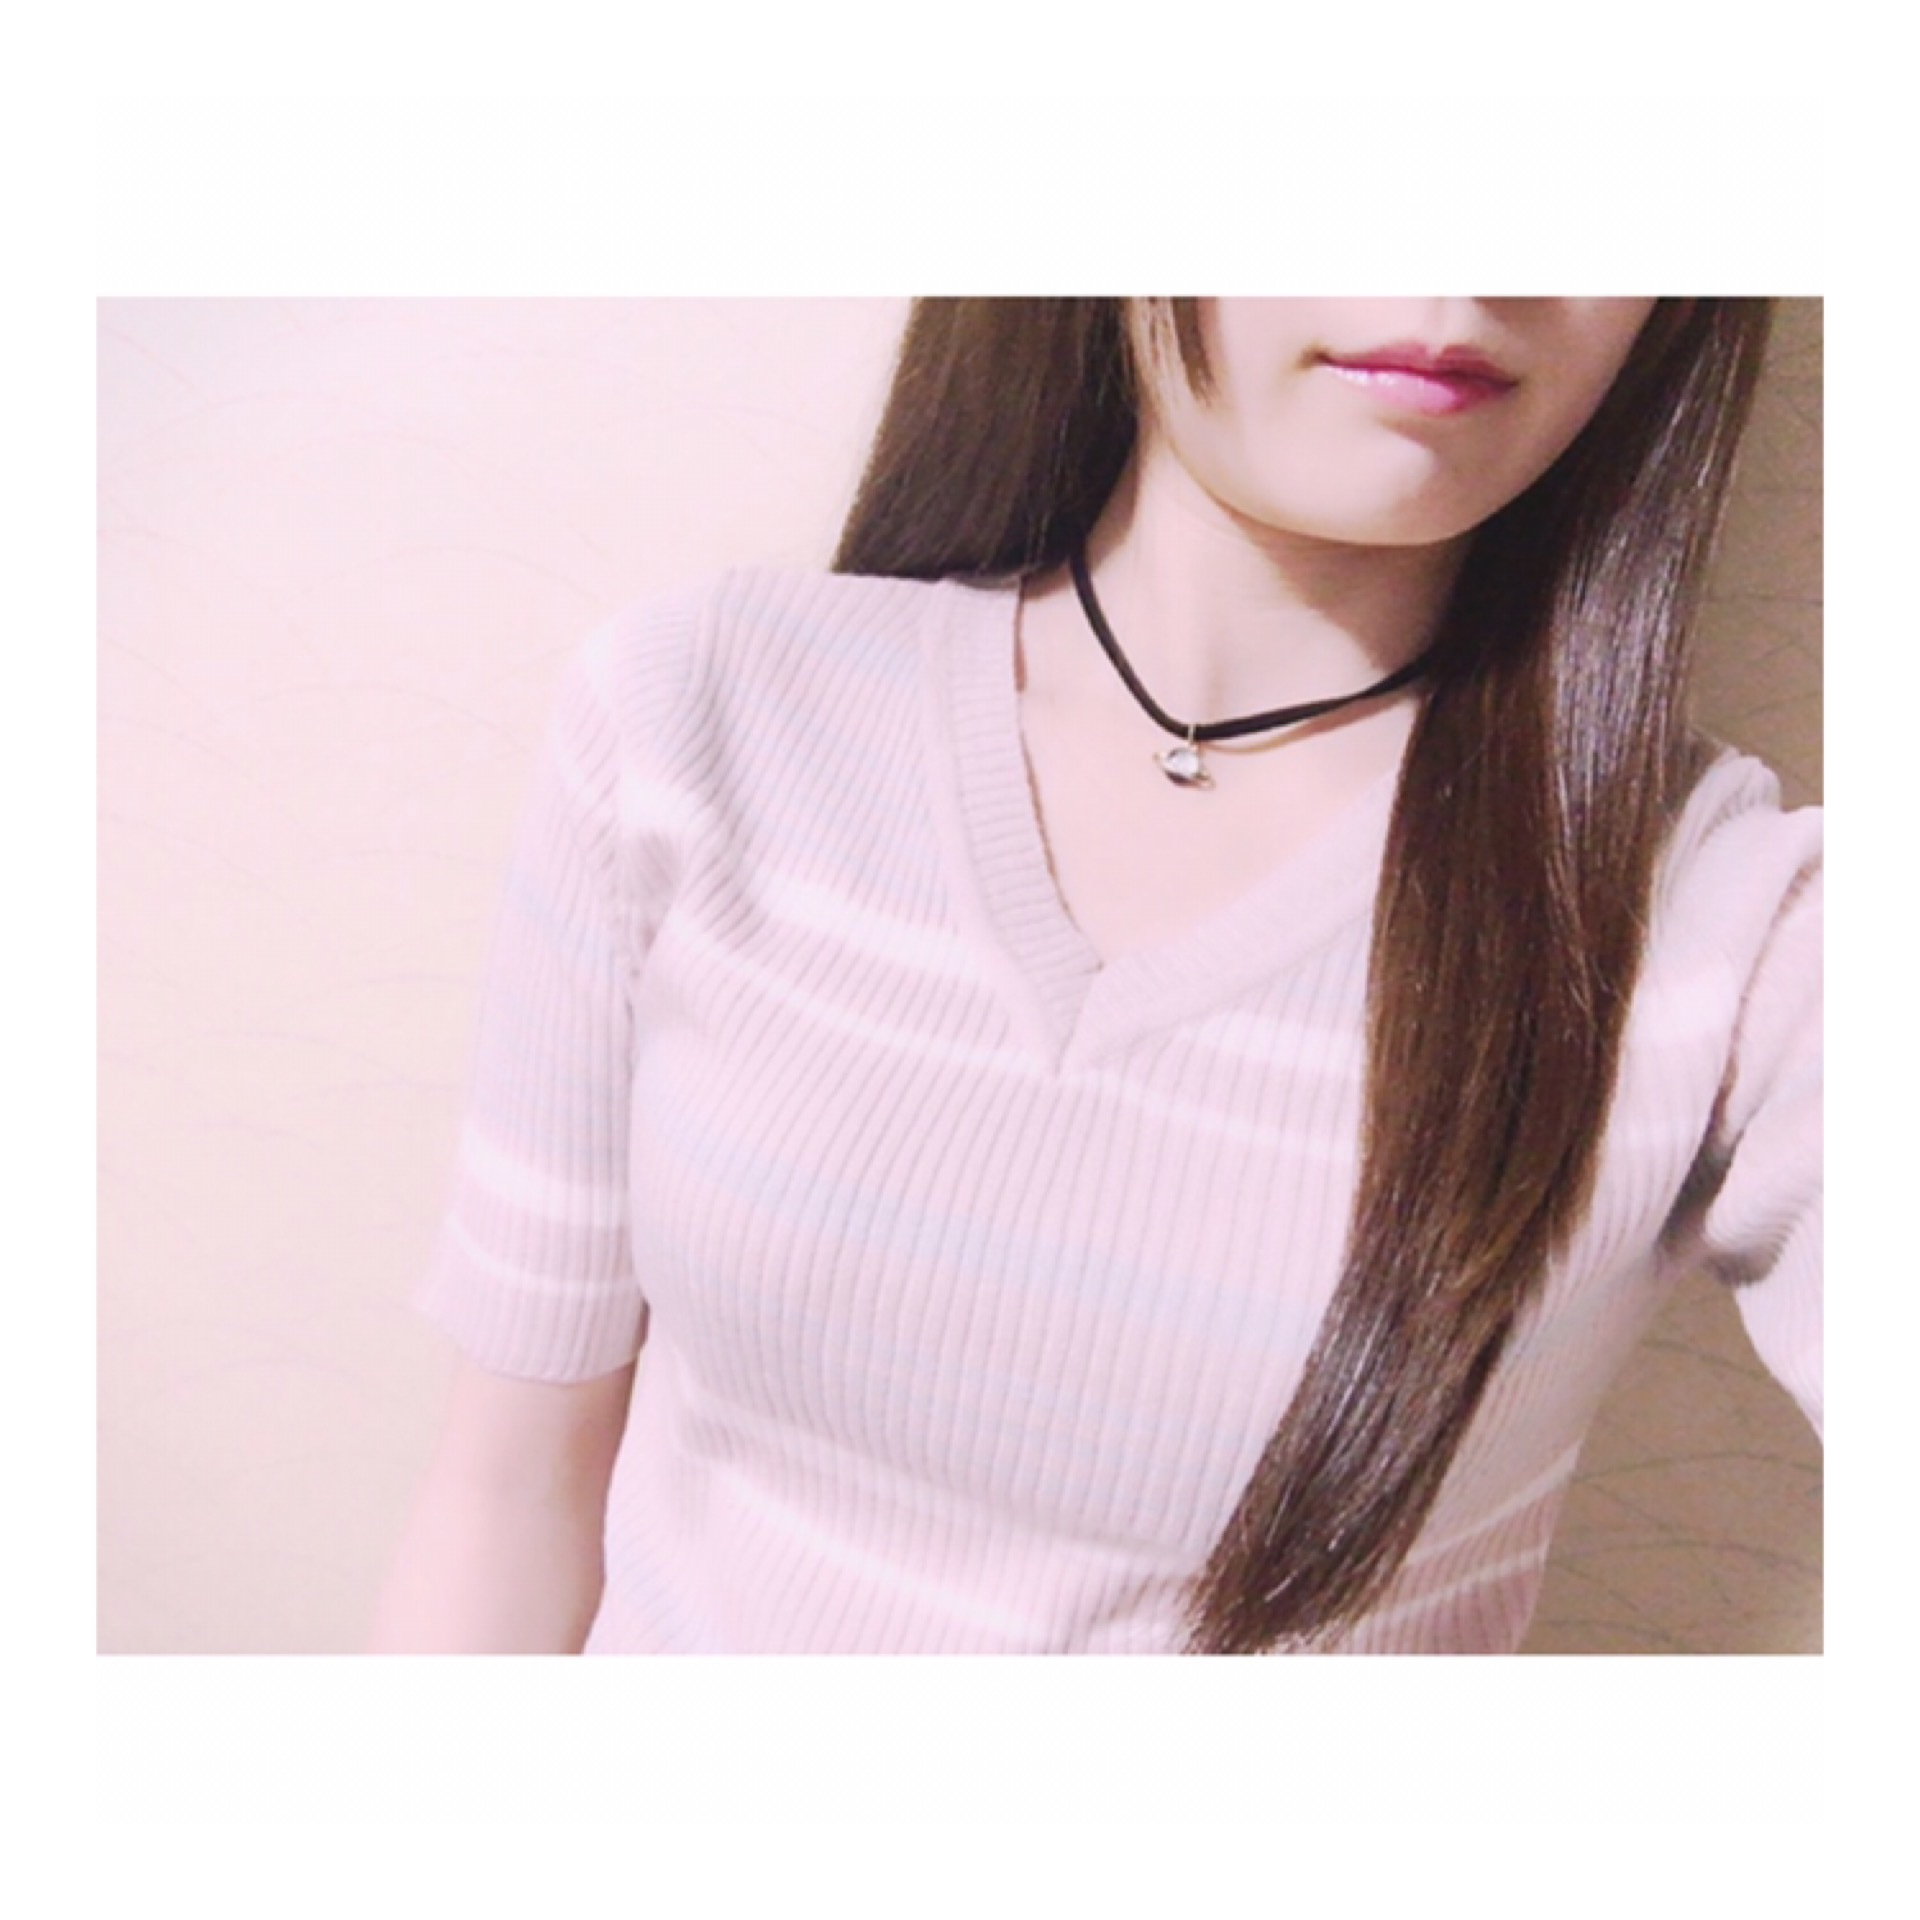 集英社♡公式ファッション通販サイト【FLAG SHOP】購入品♩2_1_2